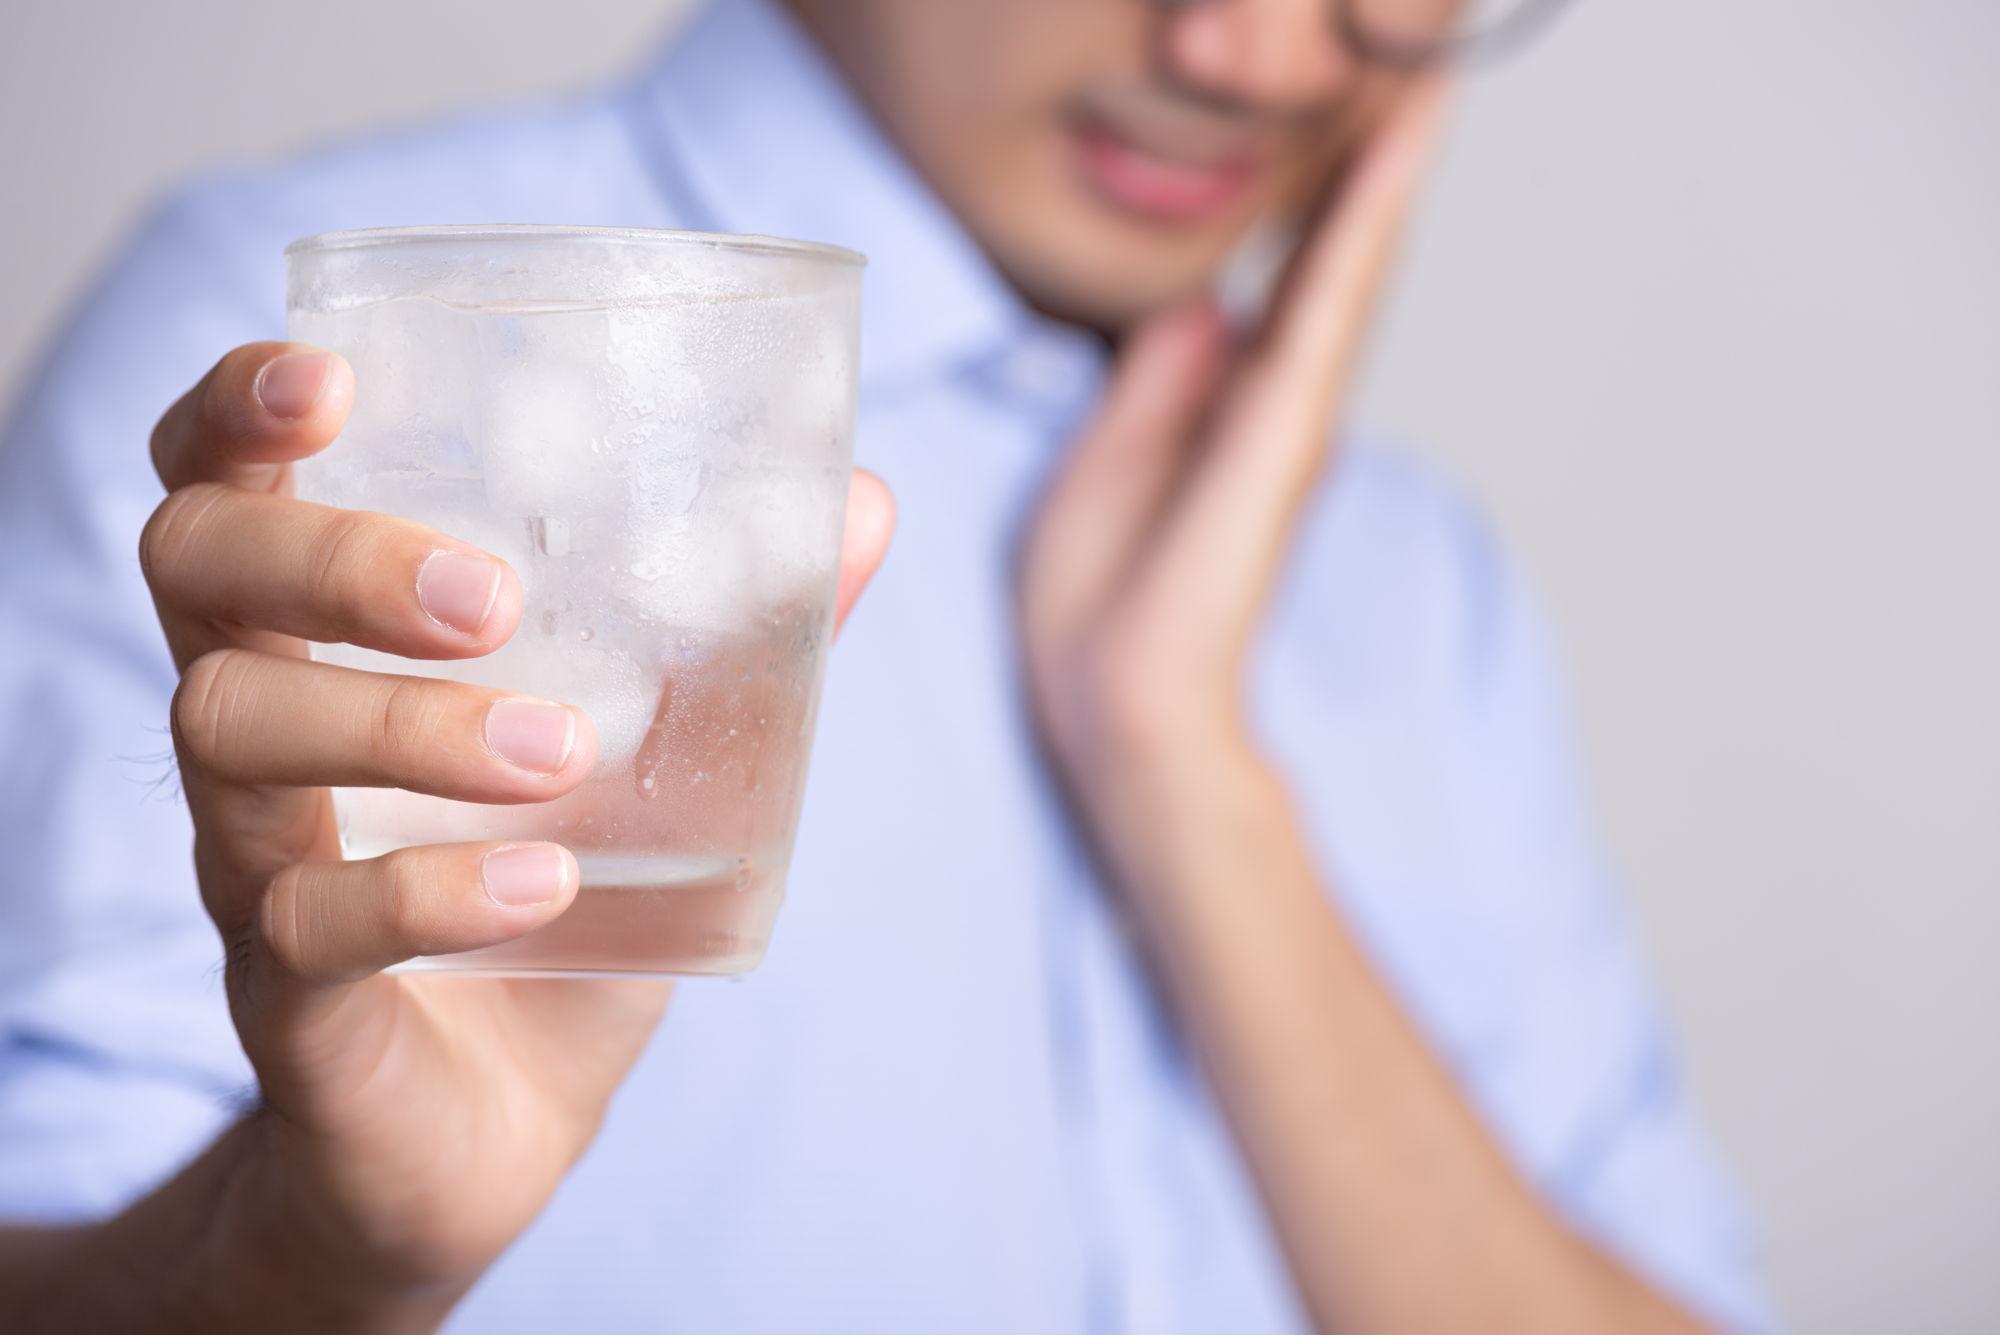 Nadwrażliwość zębów na zimno lub ciepło to problem, który można leczyć u dentysty.